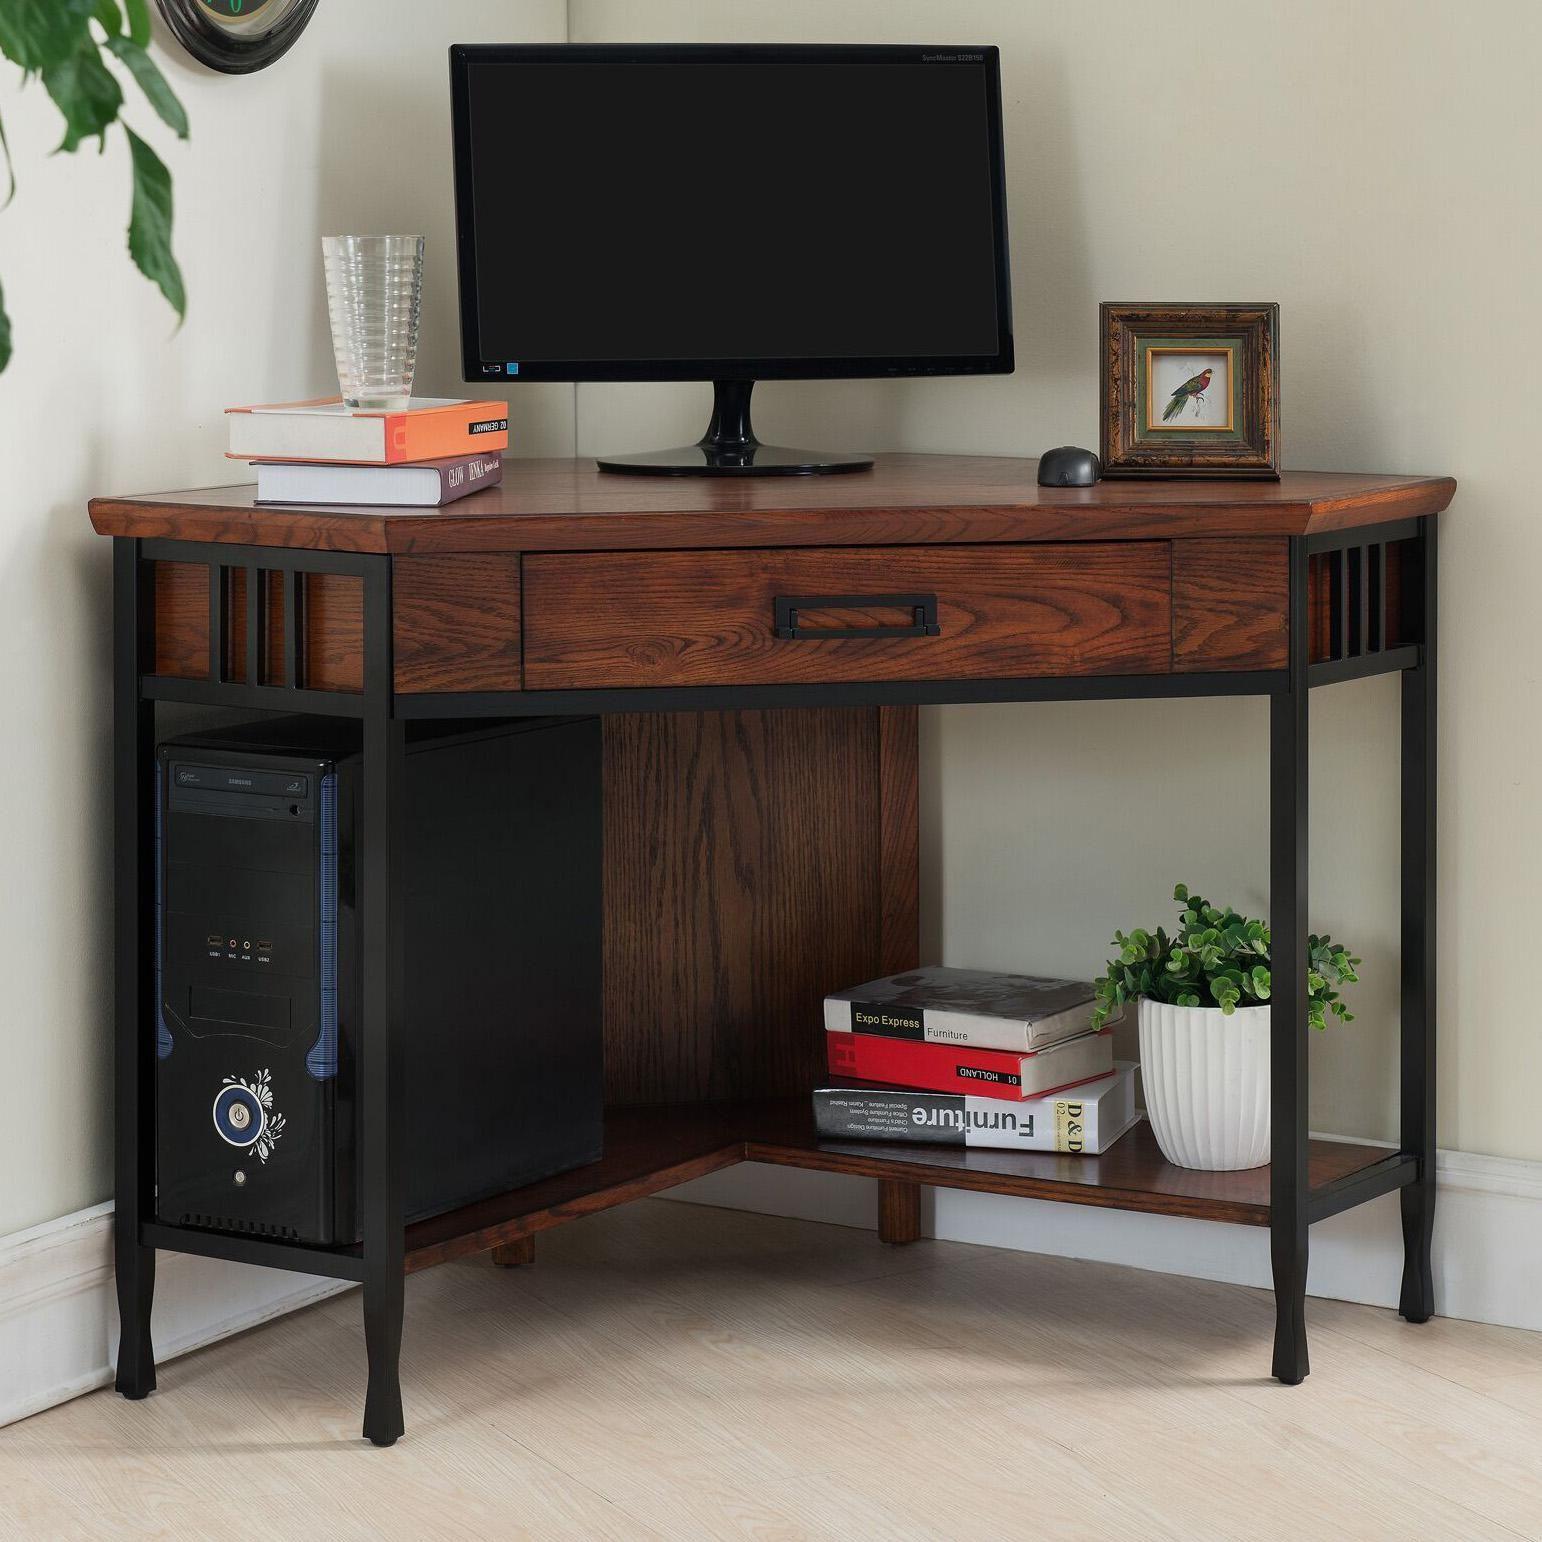 Ironcraft 48 Inch Wide Mission Oak Corner Computer Writing Desk In 2020 Corner Desk Office Diy Corner Desk Corner Writing Desk